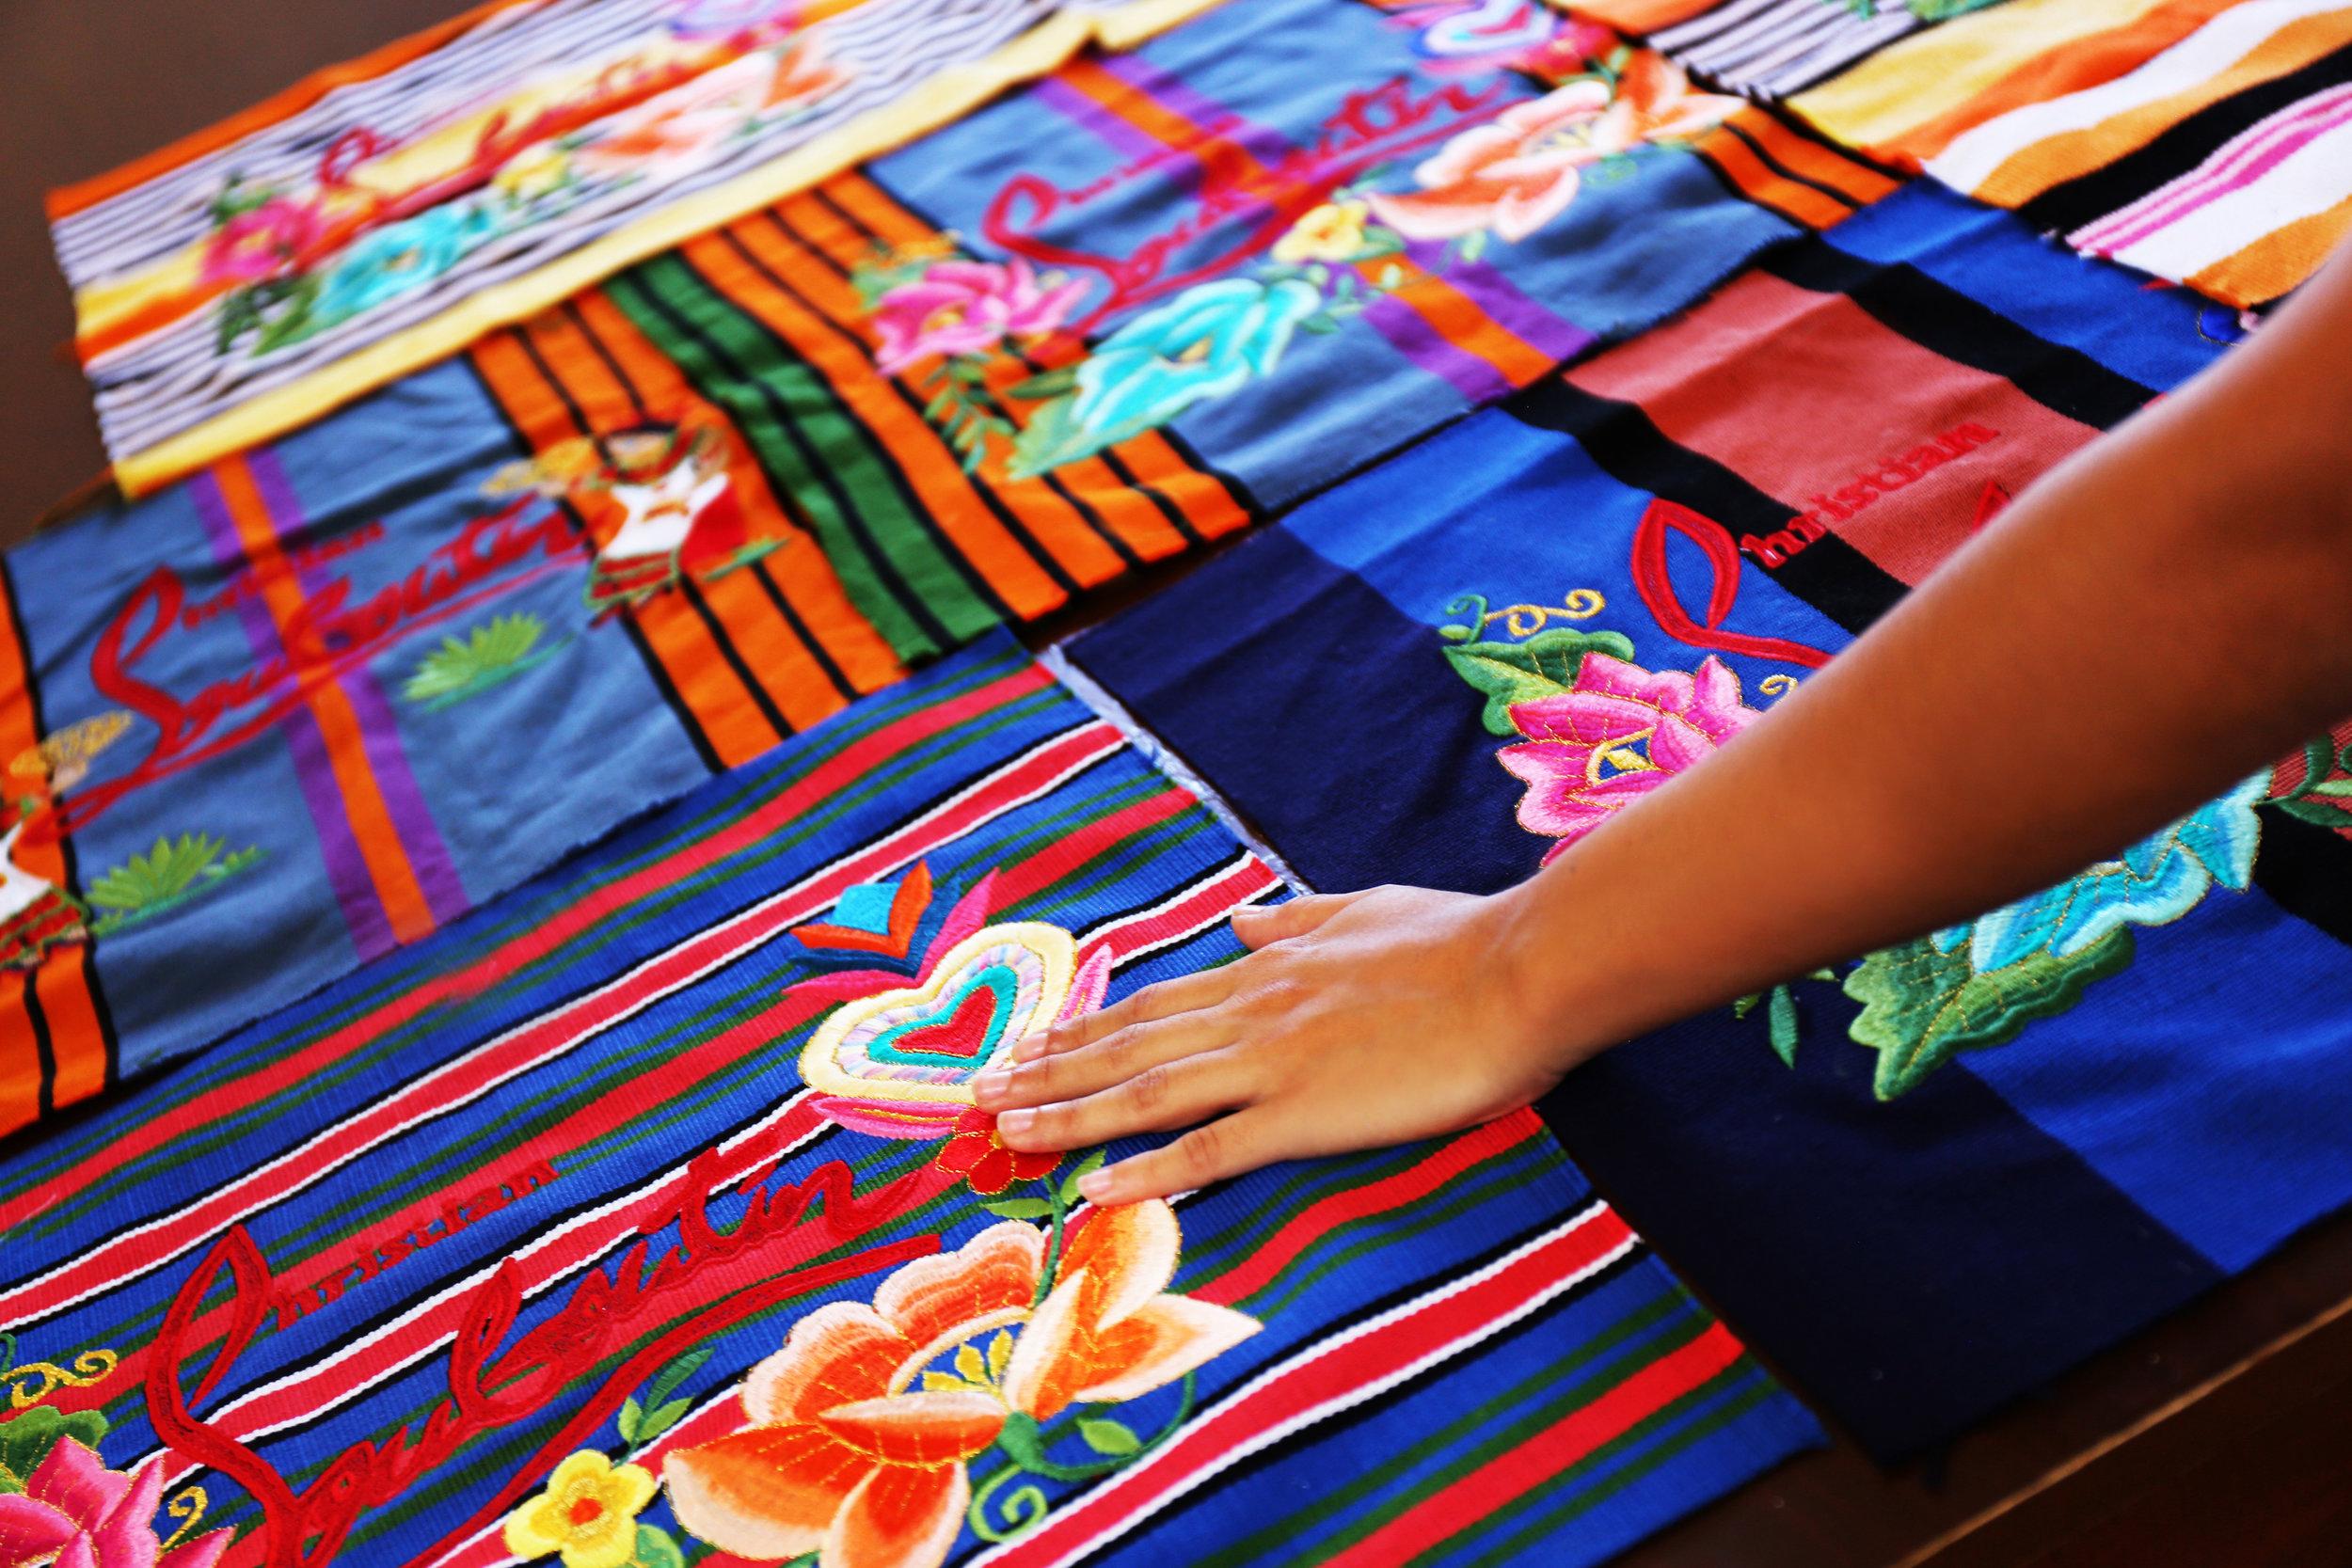 FOTO: DETALLE DE LOS BOLSOS - CORTESÍA TALLER MAYA